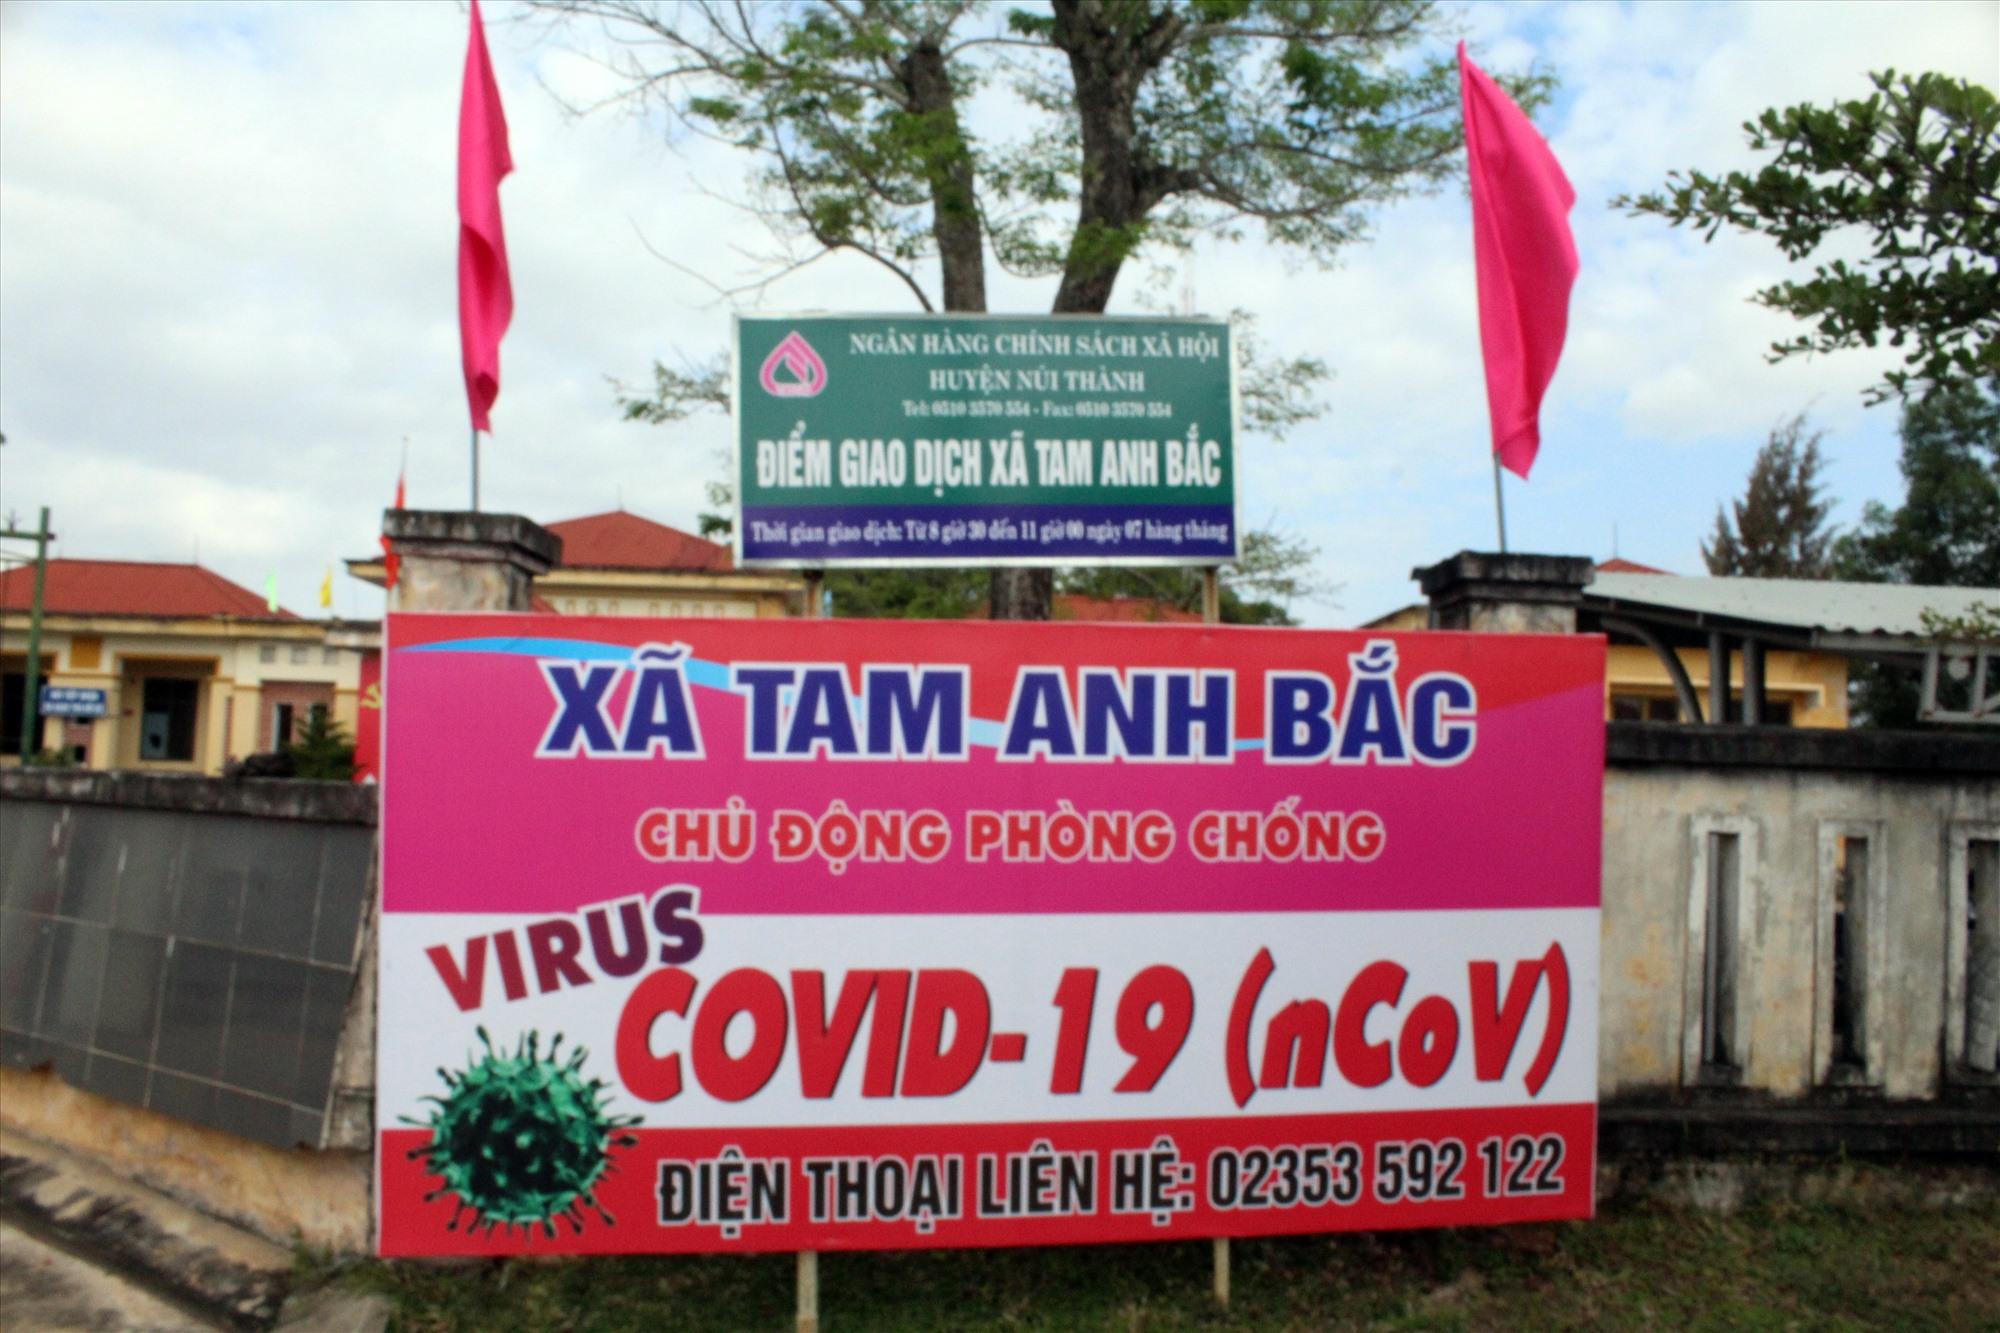 Núi Thành tuyên truyền trực quan phòng chống dịch Covid-19. Ảnh: VĂN PHIN